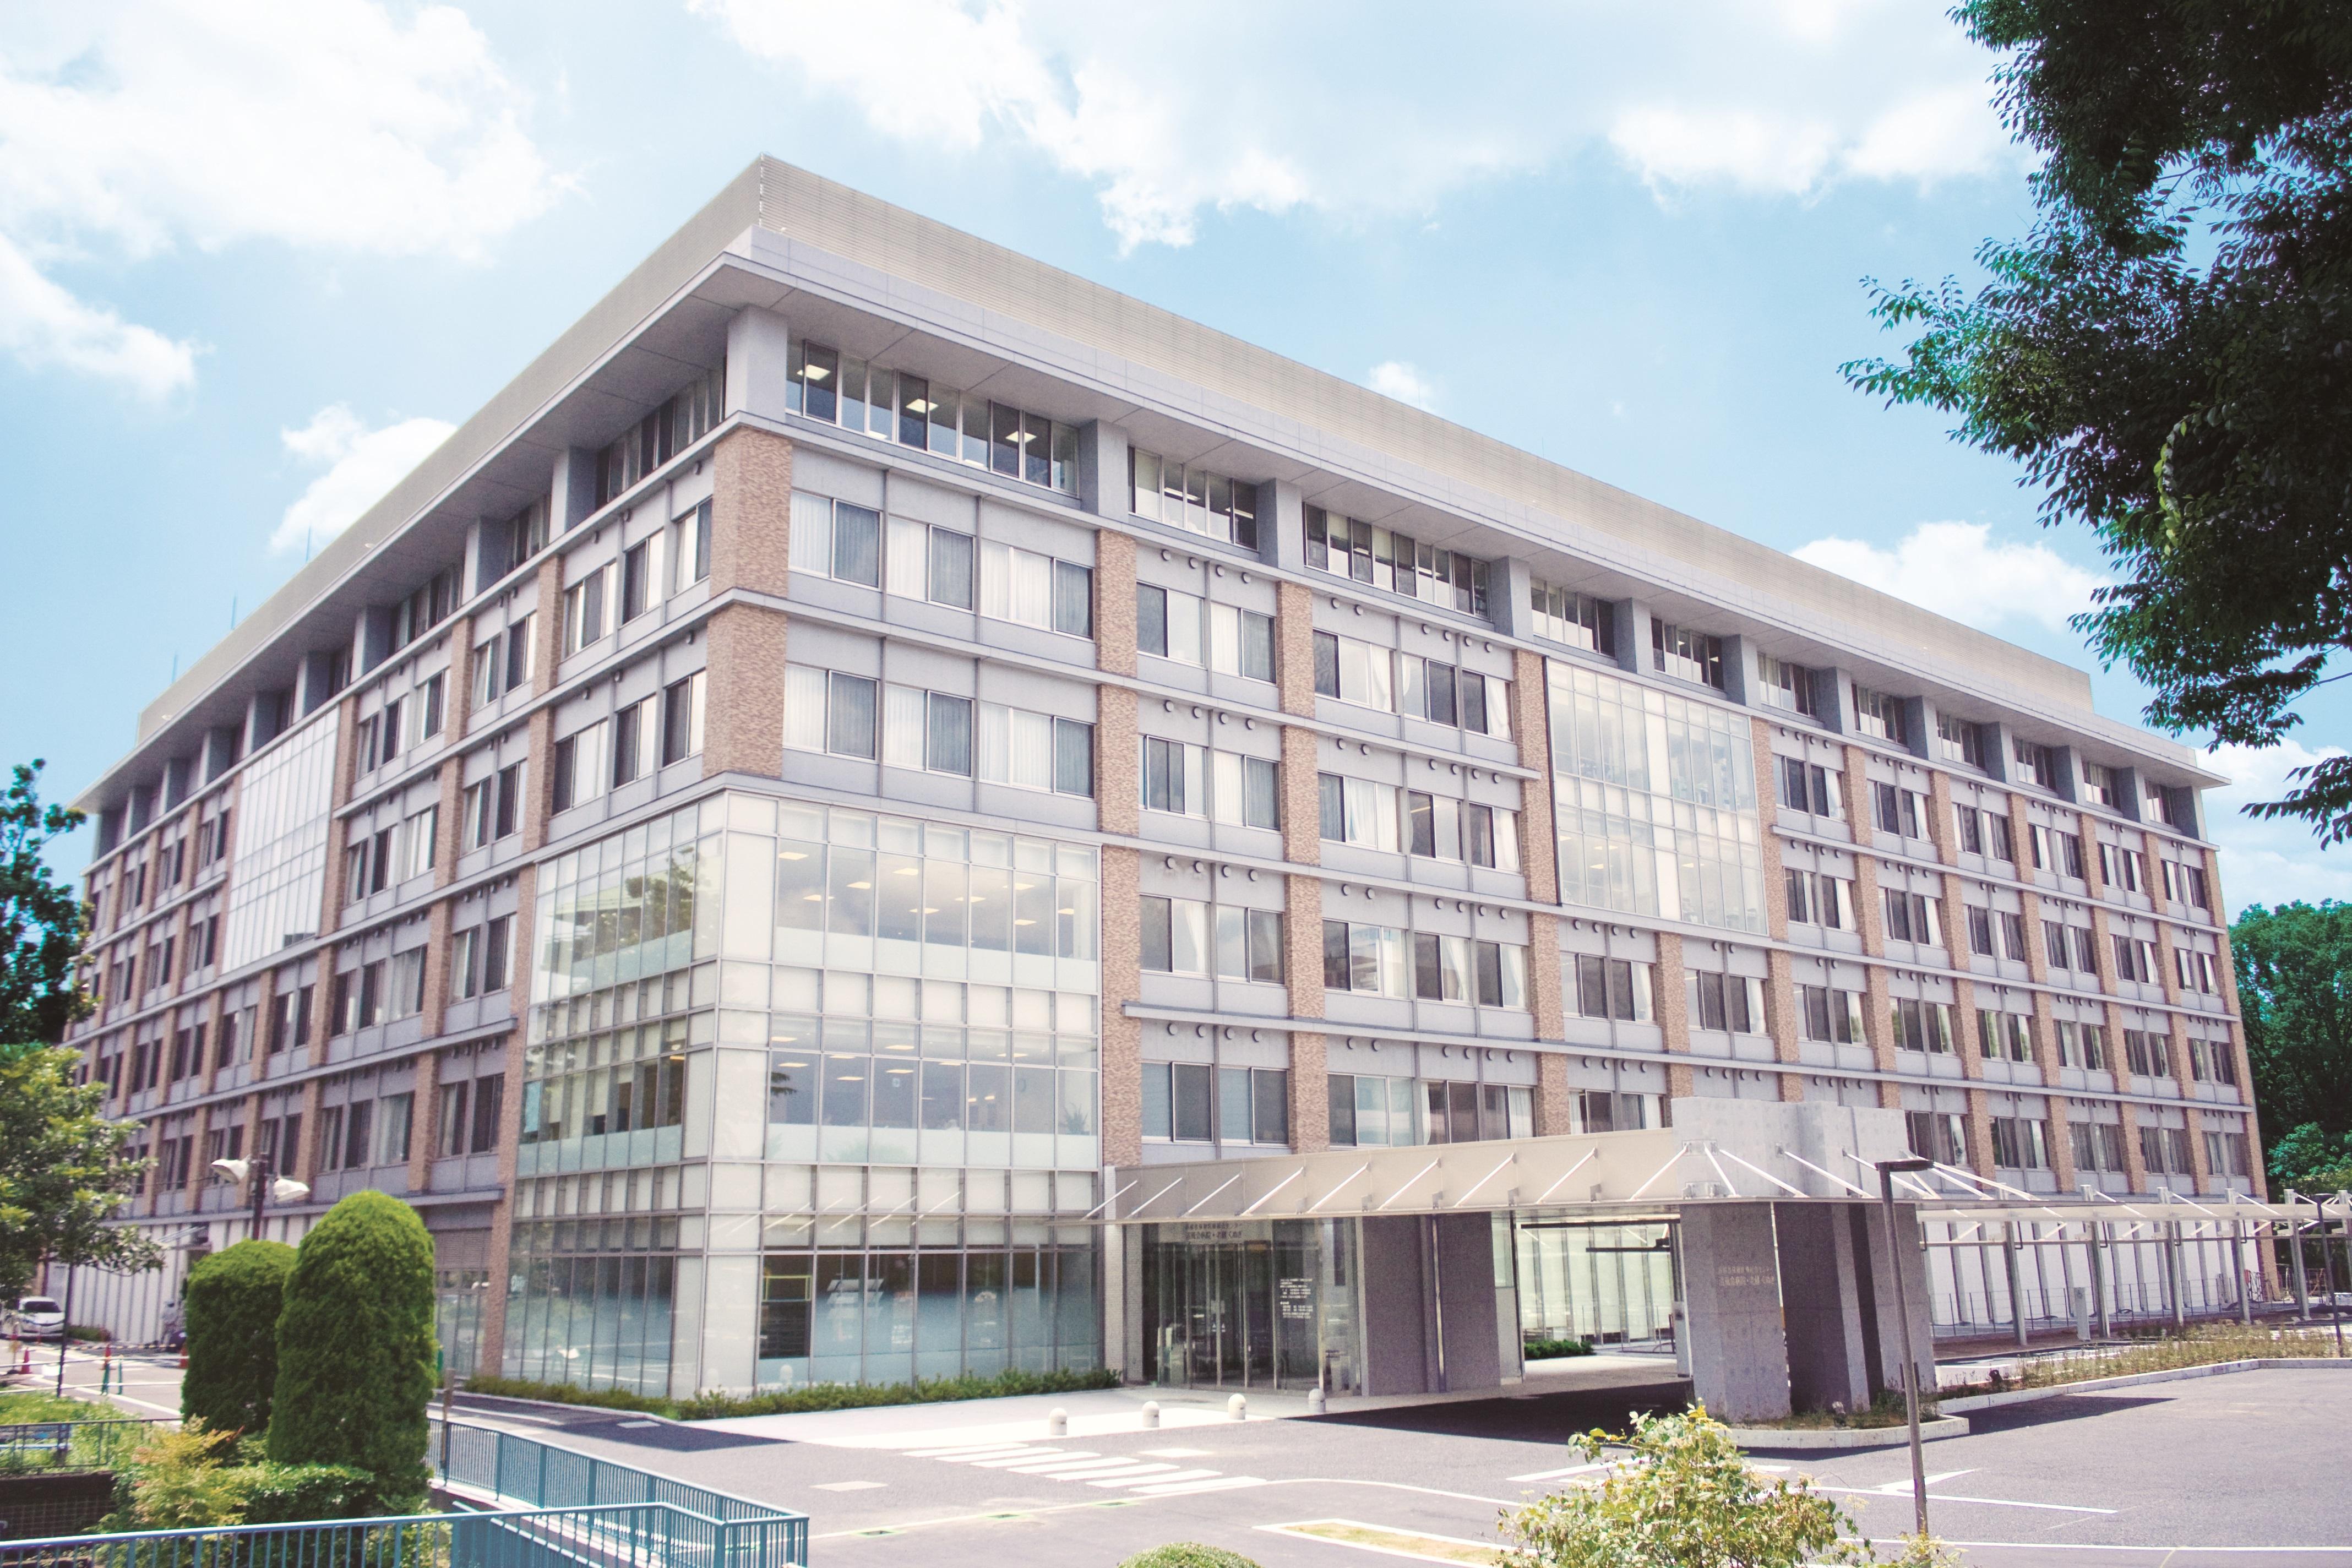 「浴風会病院(東京都杉並区高井戸西1-12-1)」の画像検索結果